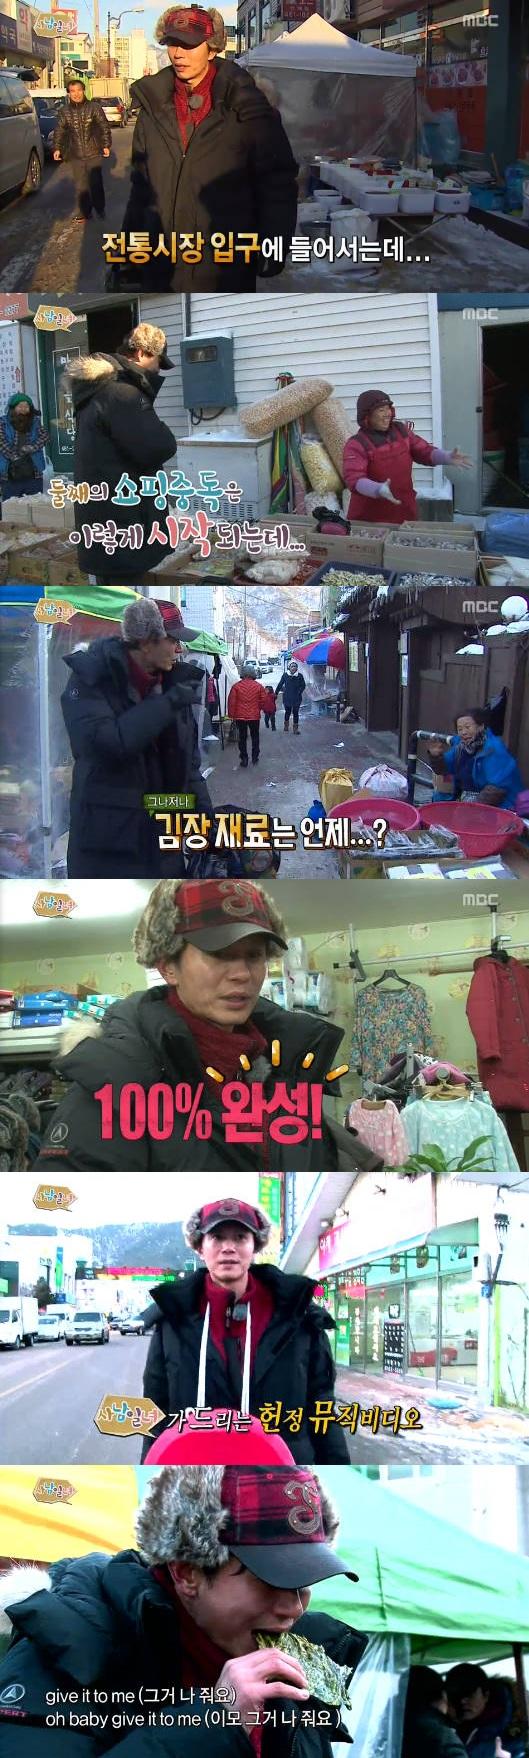 '사남일녀' 김민종, 인제 쇼핑왕 등극 '보는대로 구입'